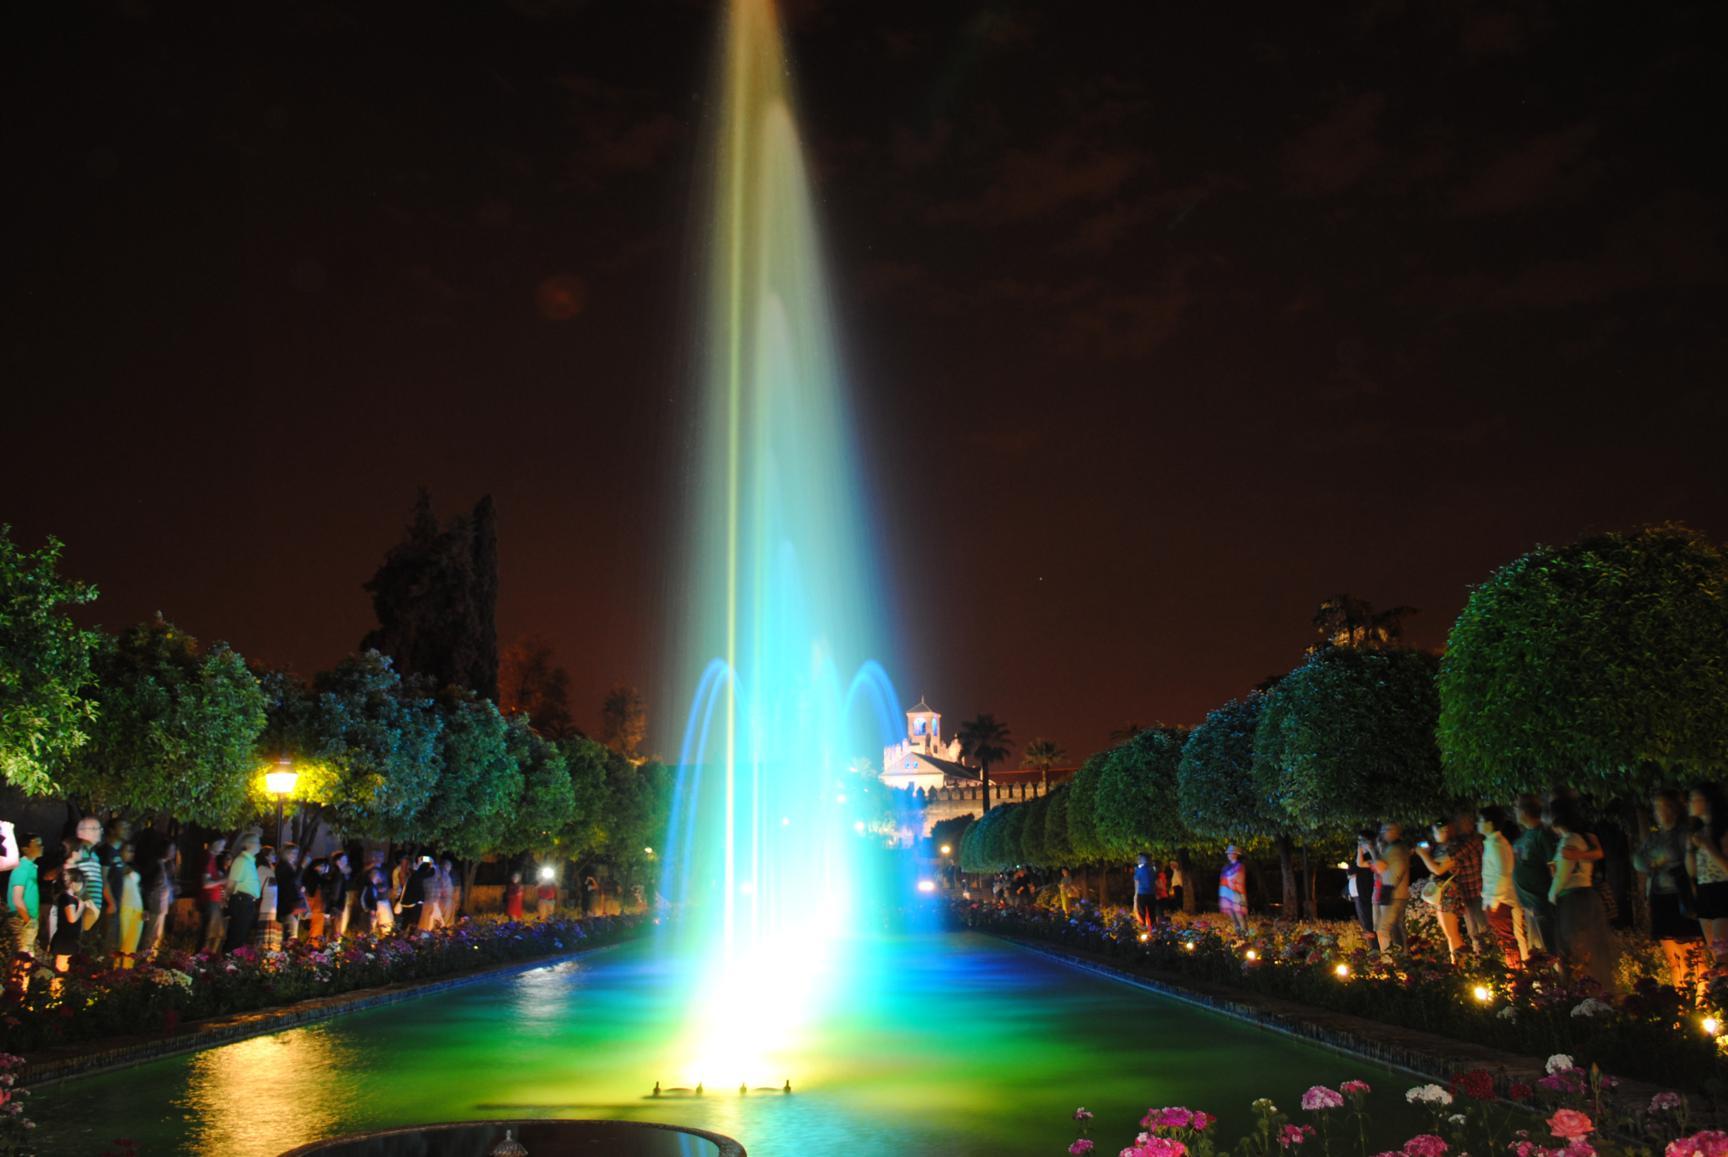 espectaculo-luz-sonido-alcazar-6